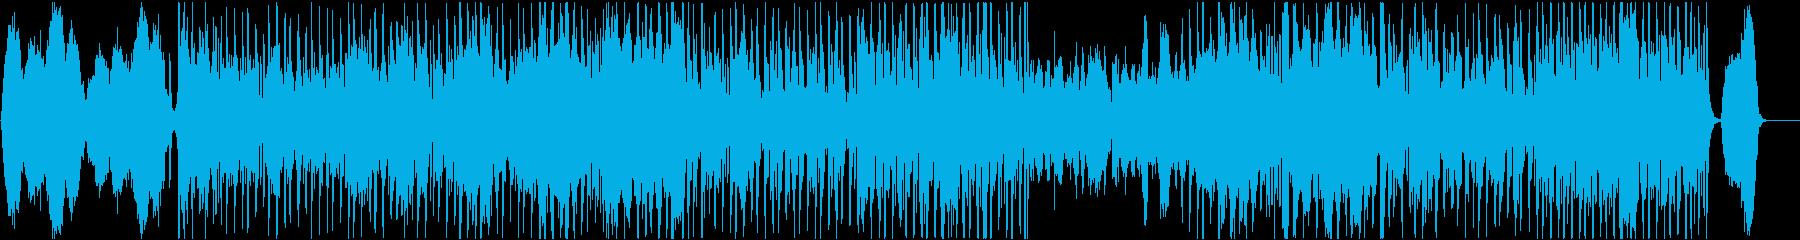 オーケストラ企業向 働く人々への応援歌の再生済みの波形